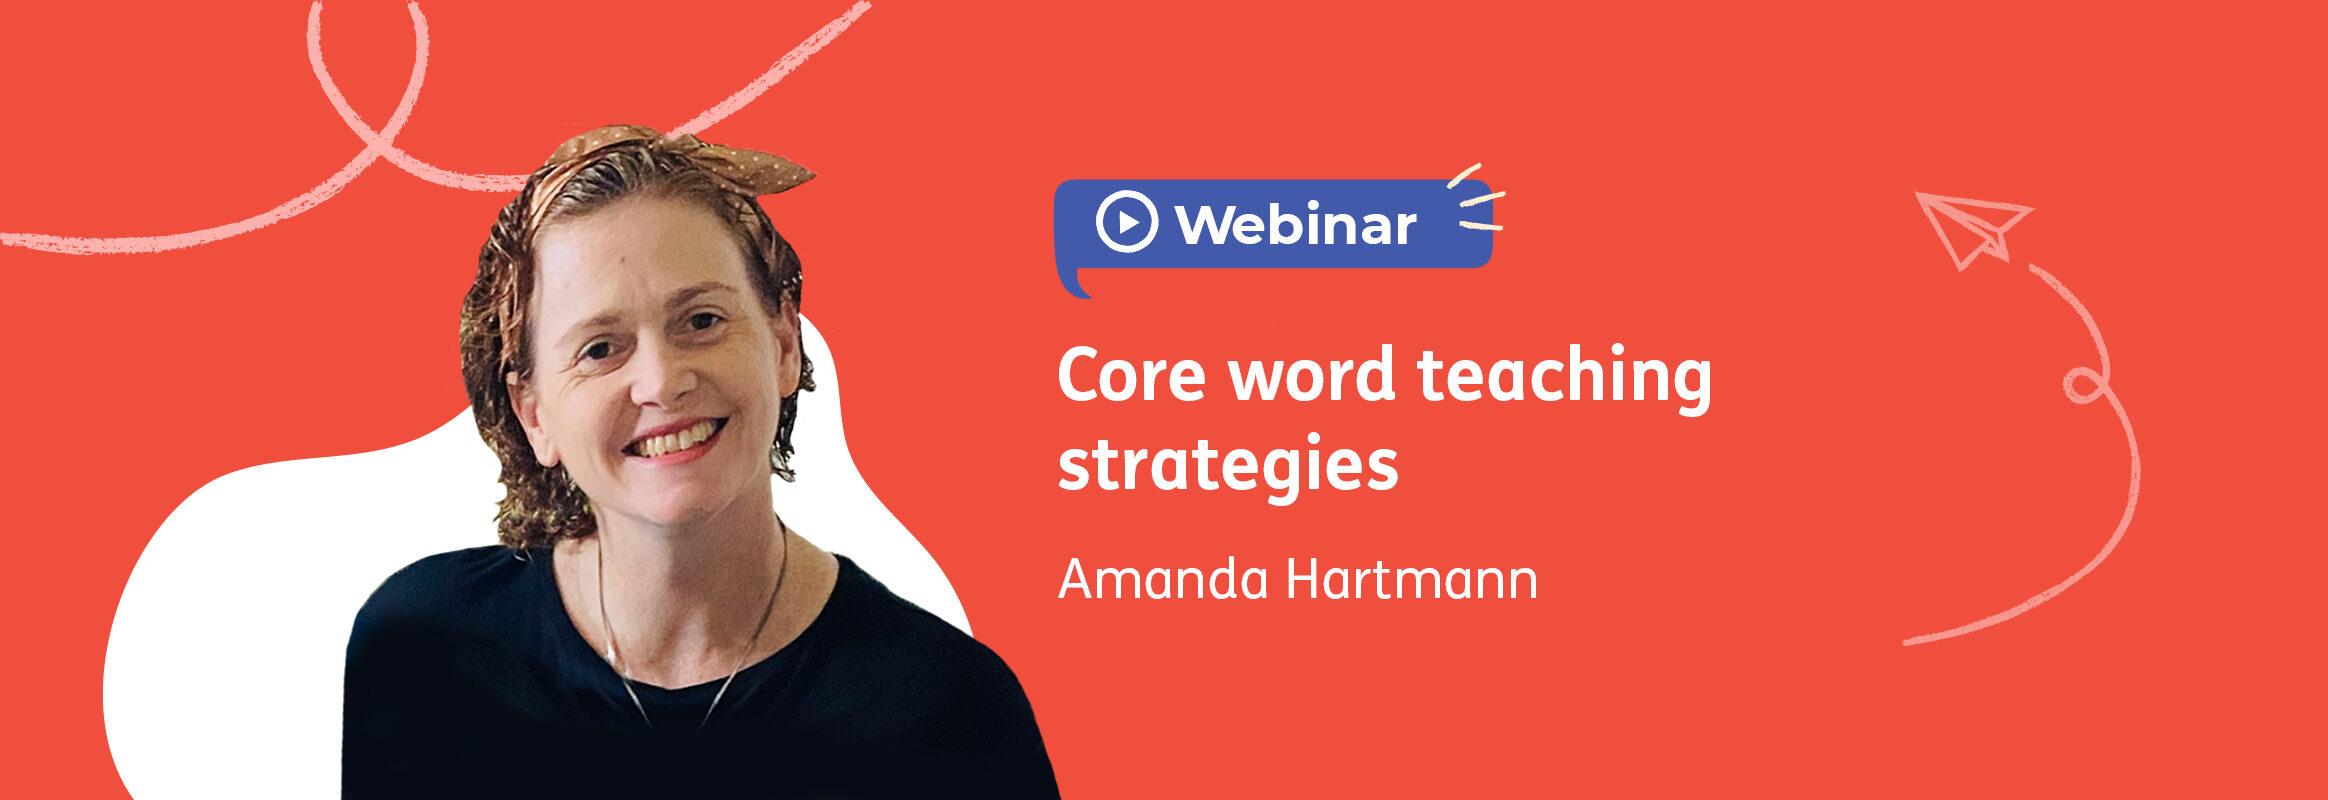 Webinar: Core word teaching strategies